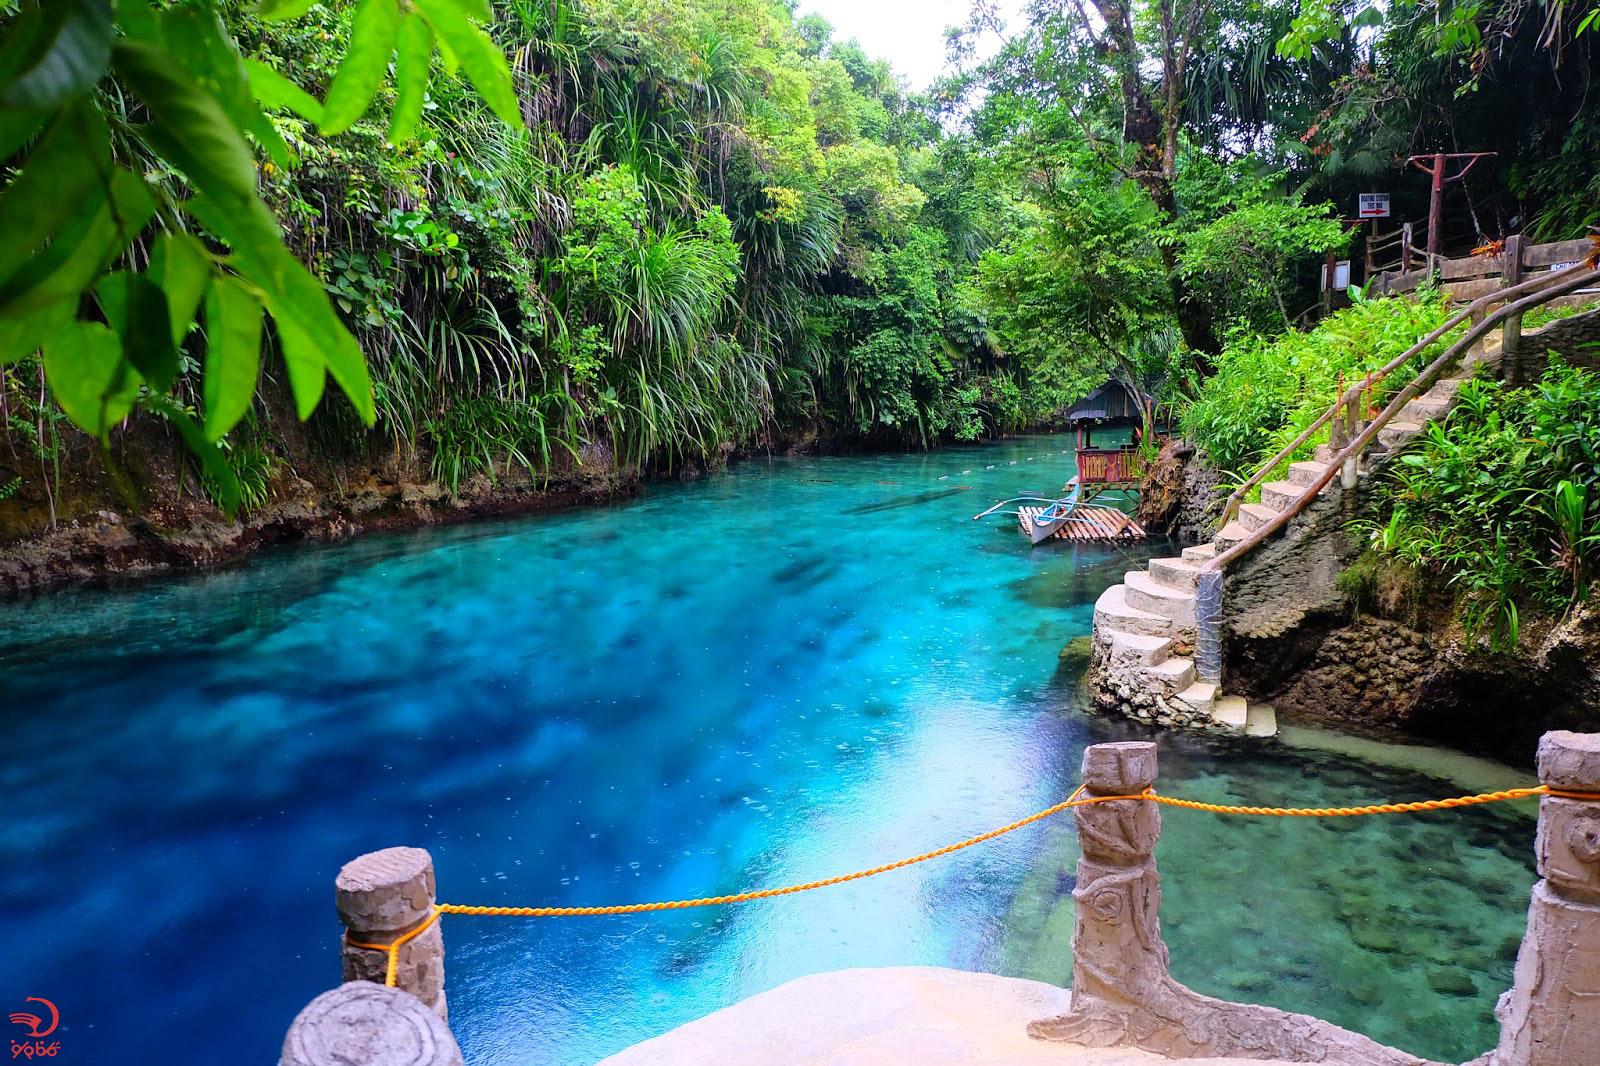 آشنایی با رودخانه افسون شده، میندانائو، فیلیپین